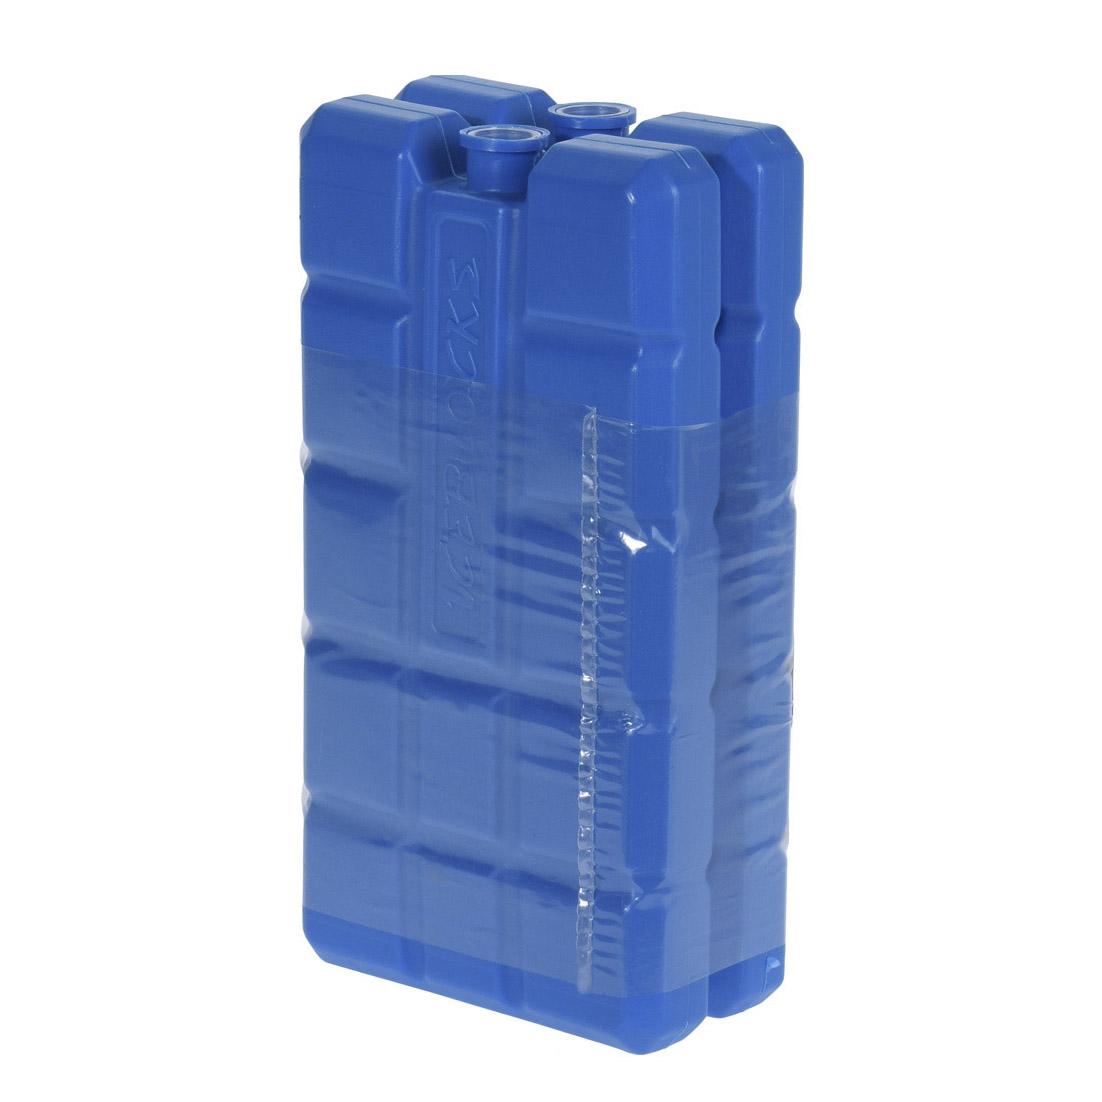 Аккумуляторы холода Koopman B07350350 2 шт